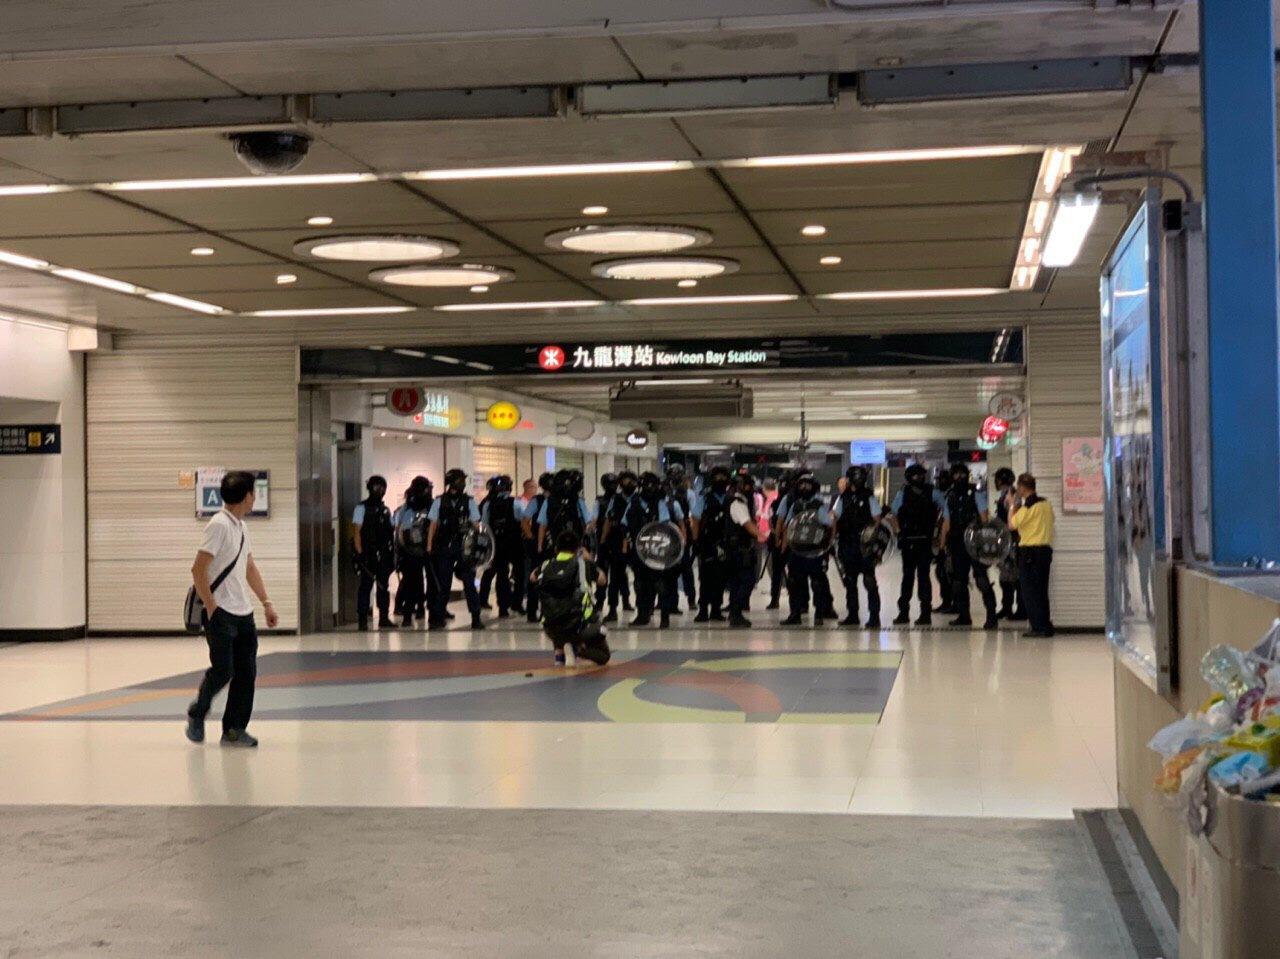 隨後有警員在九龍灣站出現。網上圖片